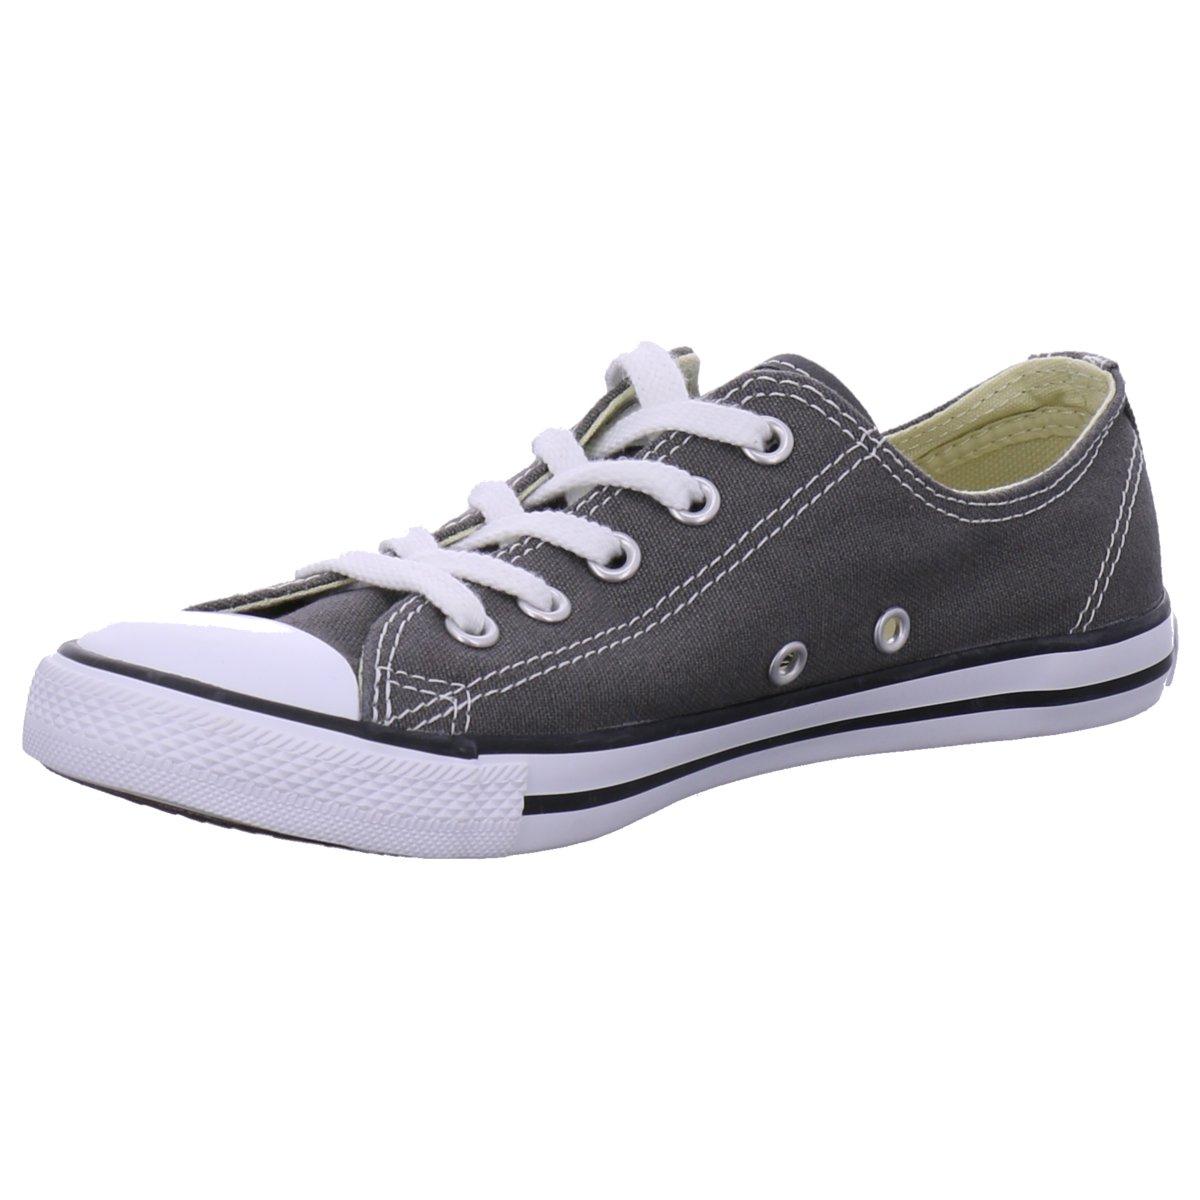 NEU Converse Herren Sneaker 532353C   - Kinderschuhe Teens Mädchen Gr. 35 -